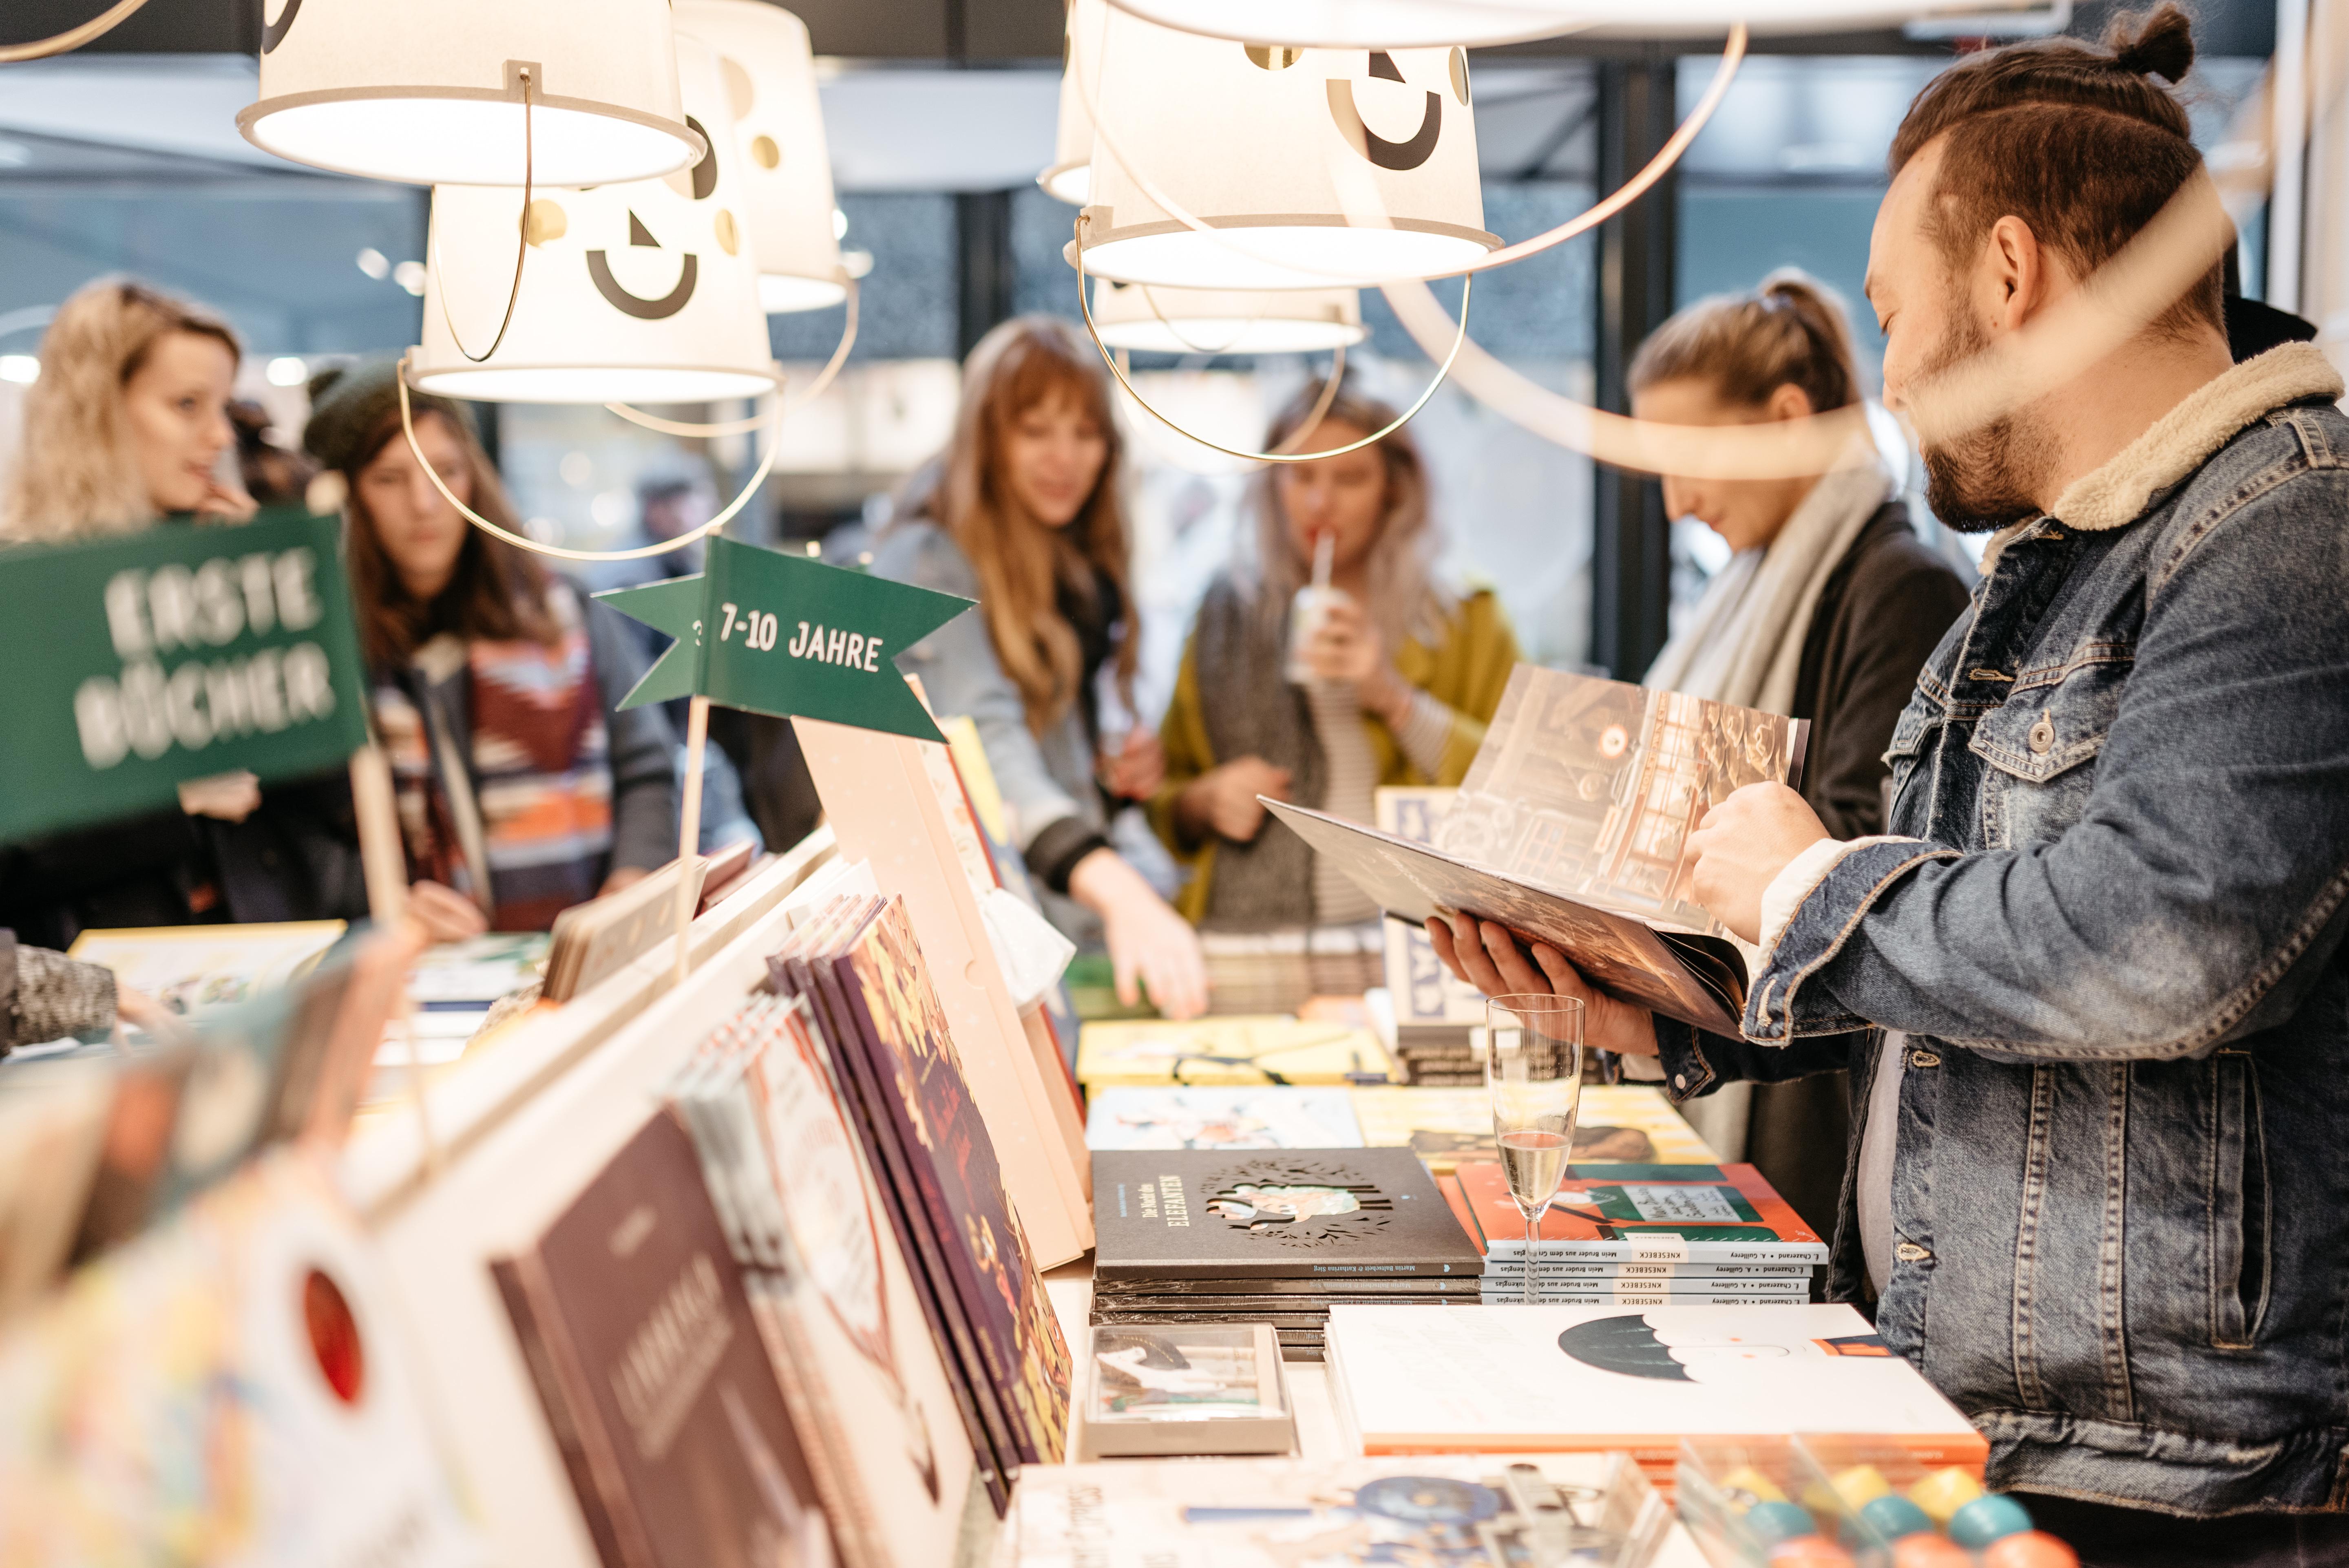 Buchstaebchen Stuttgart Kleine Gestalten